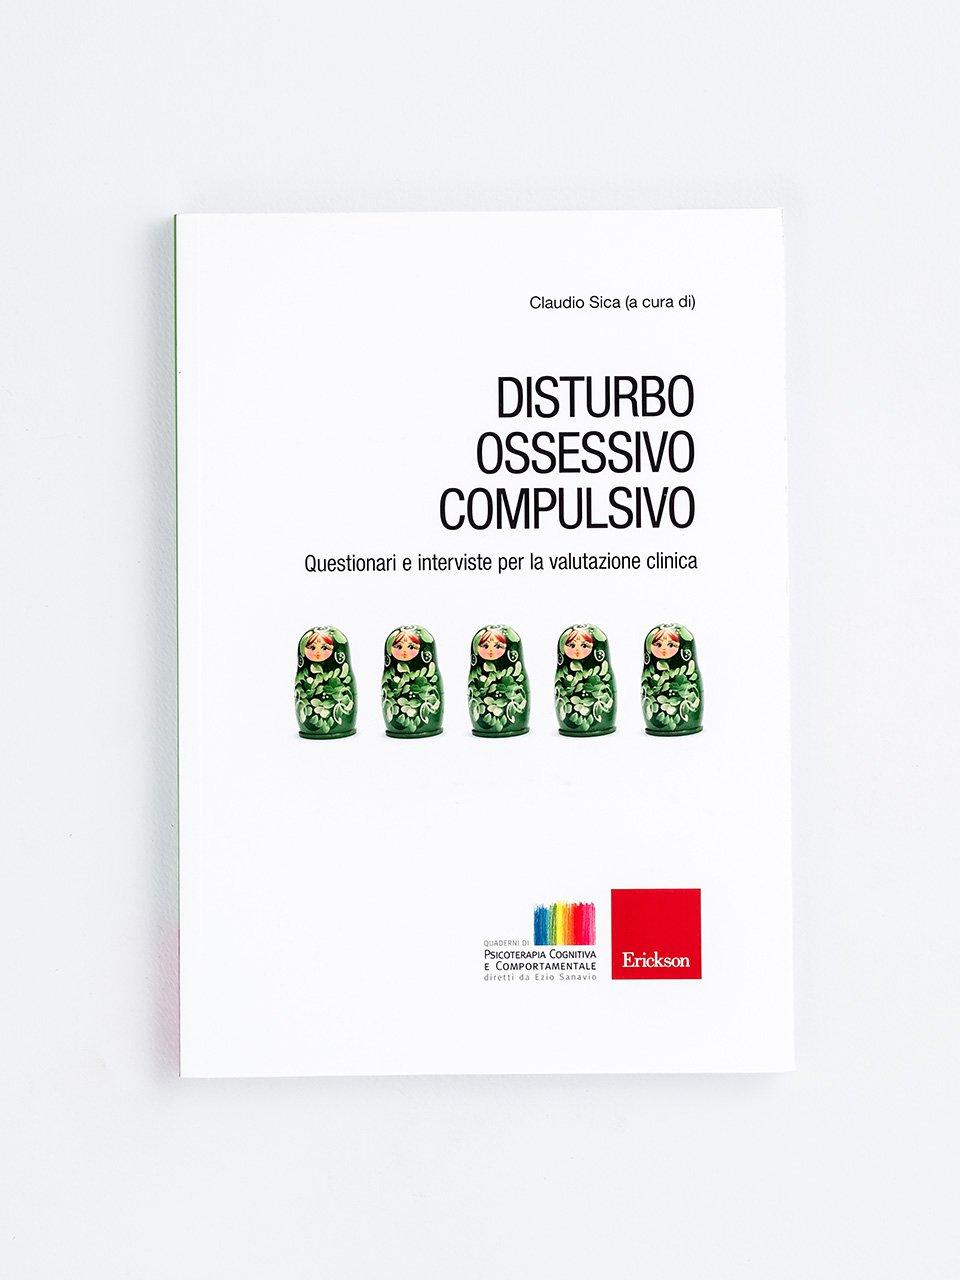 Disturbo ossessivo compulsivo - Il disturbo da accumulo e la sua valutazione - Libri - Erickson